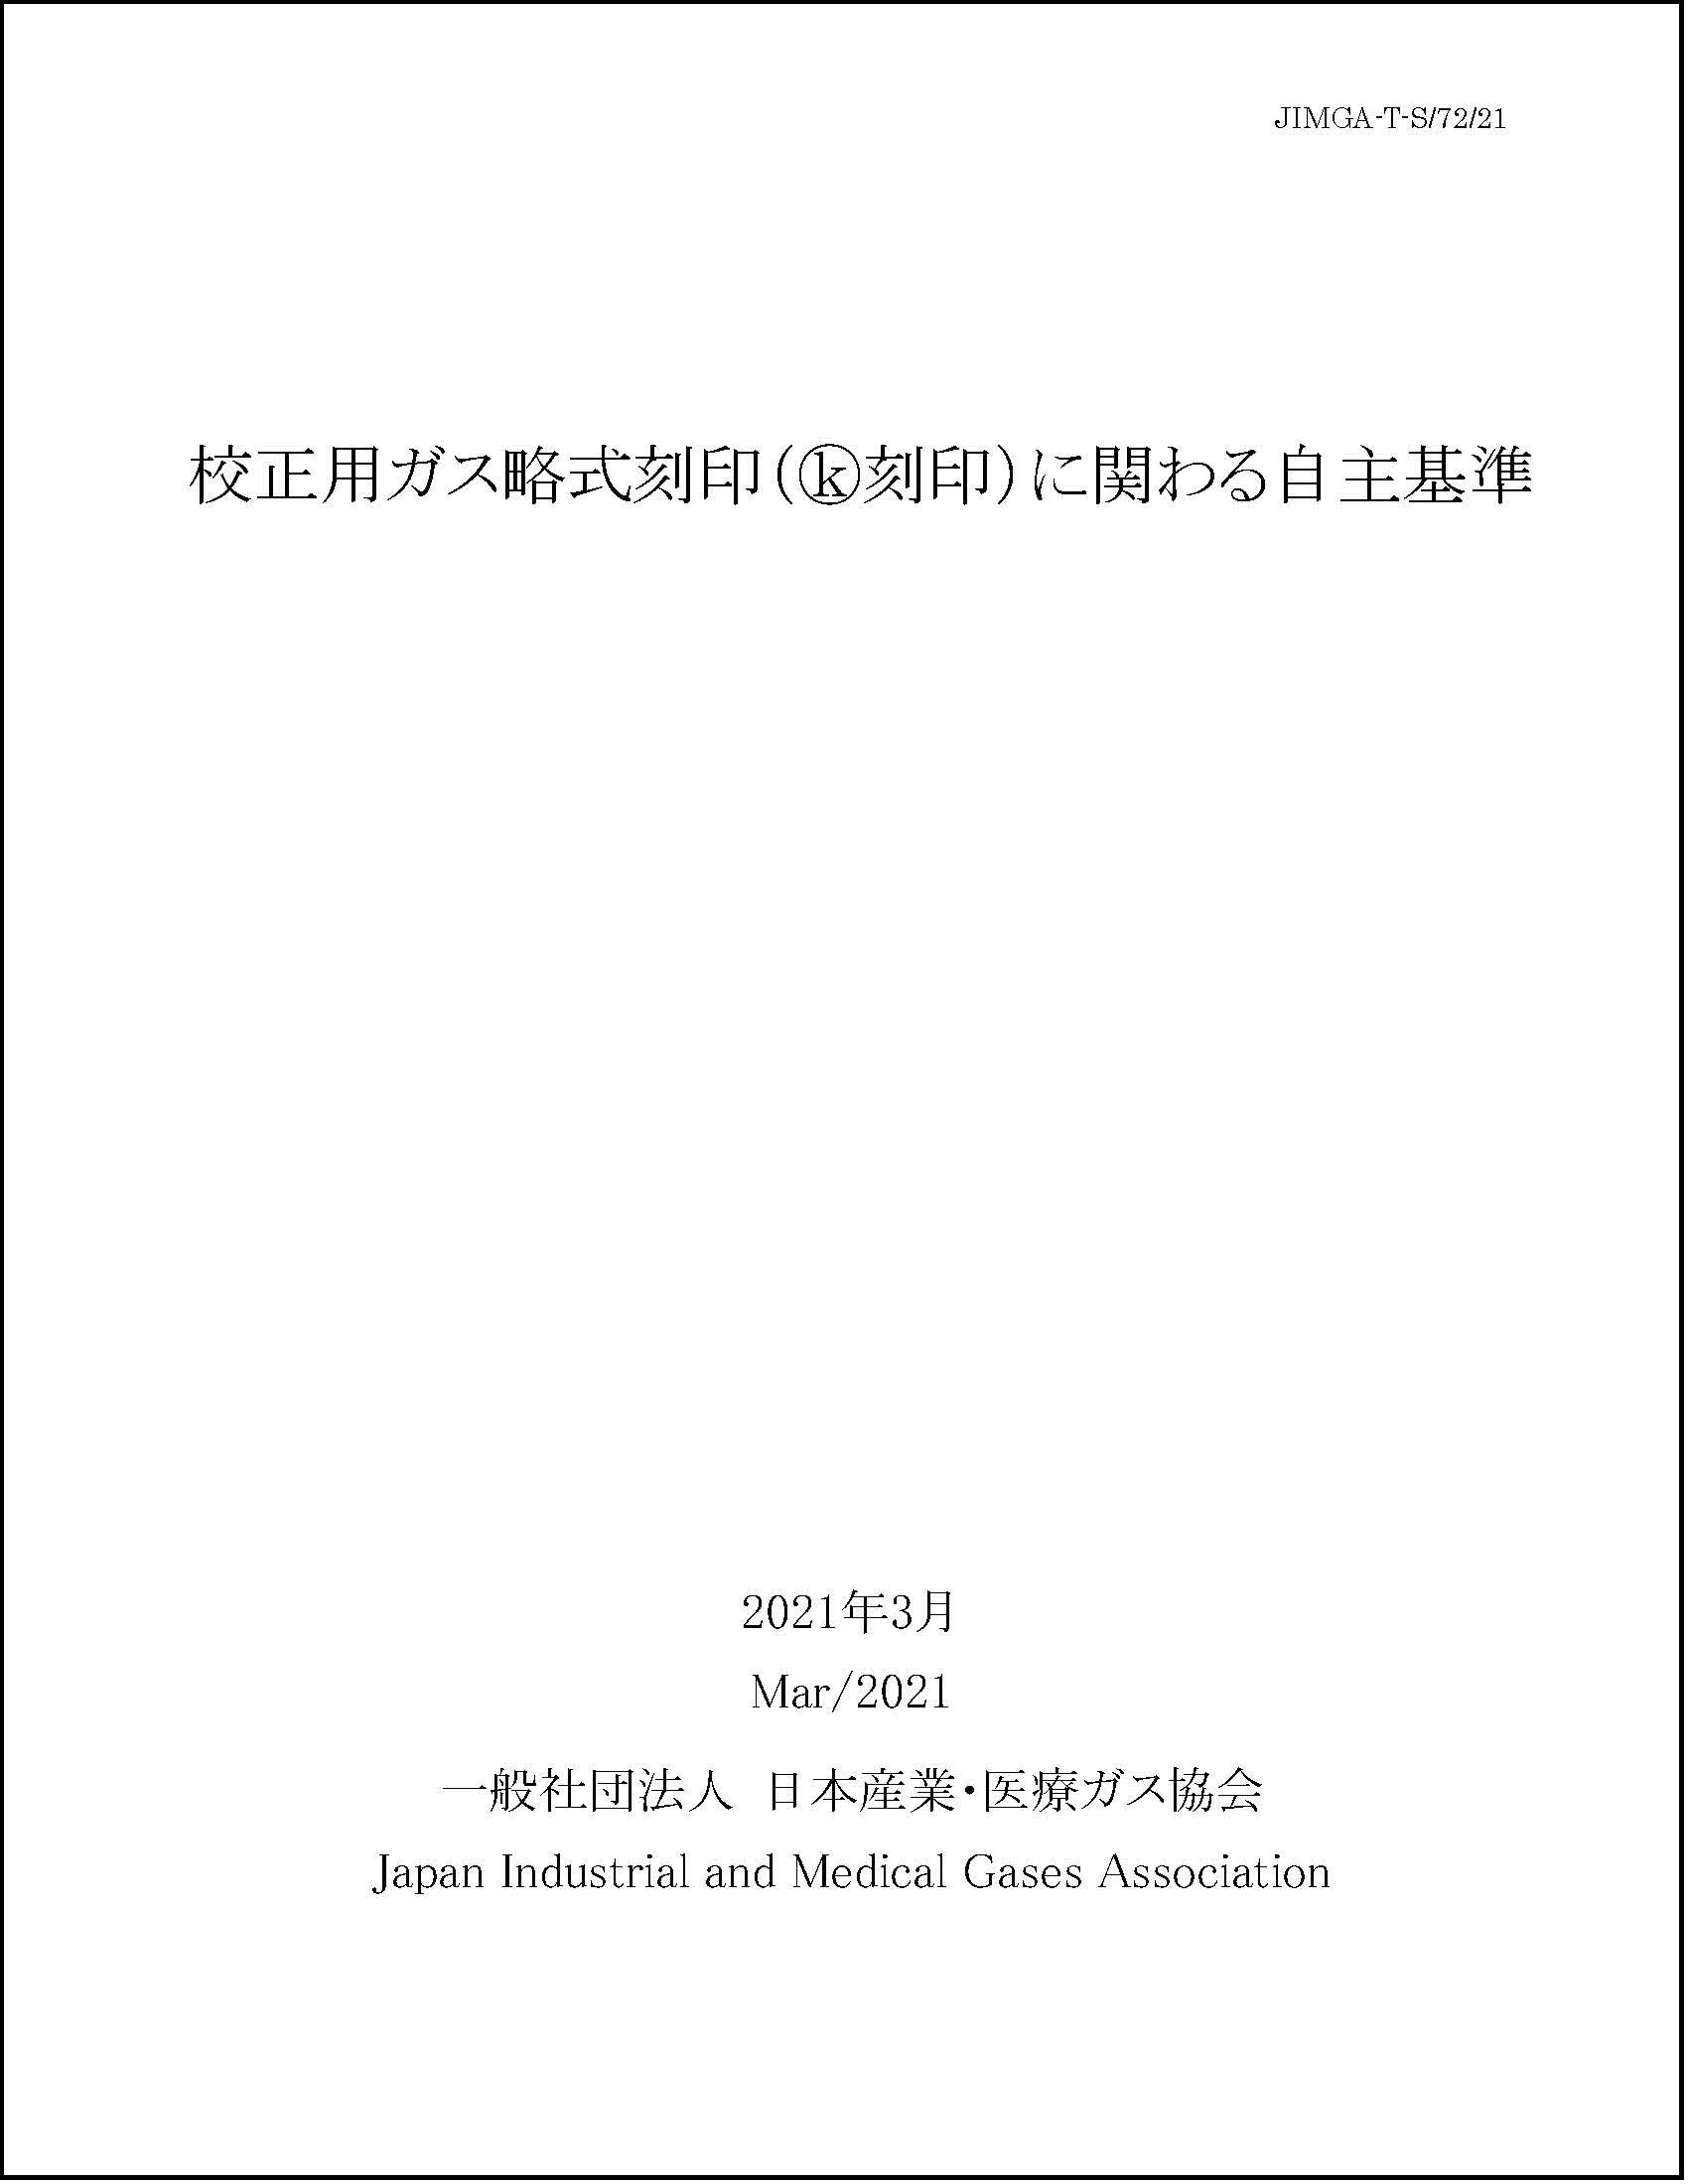 校正用ガス略式刻印(刻印)に関わる自主基準